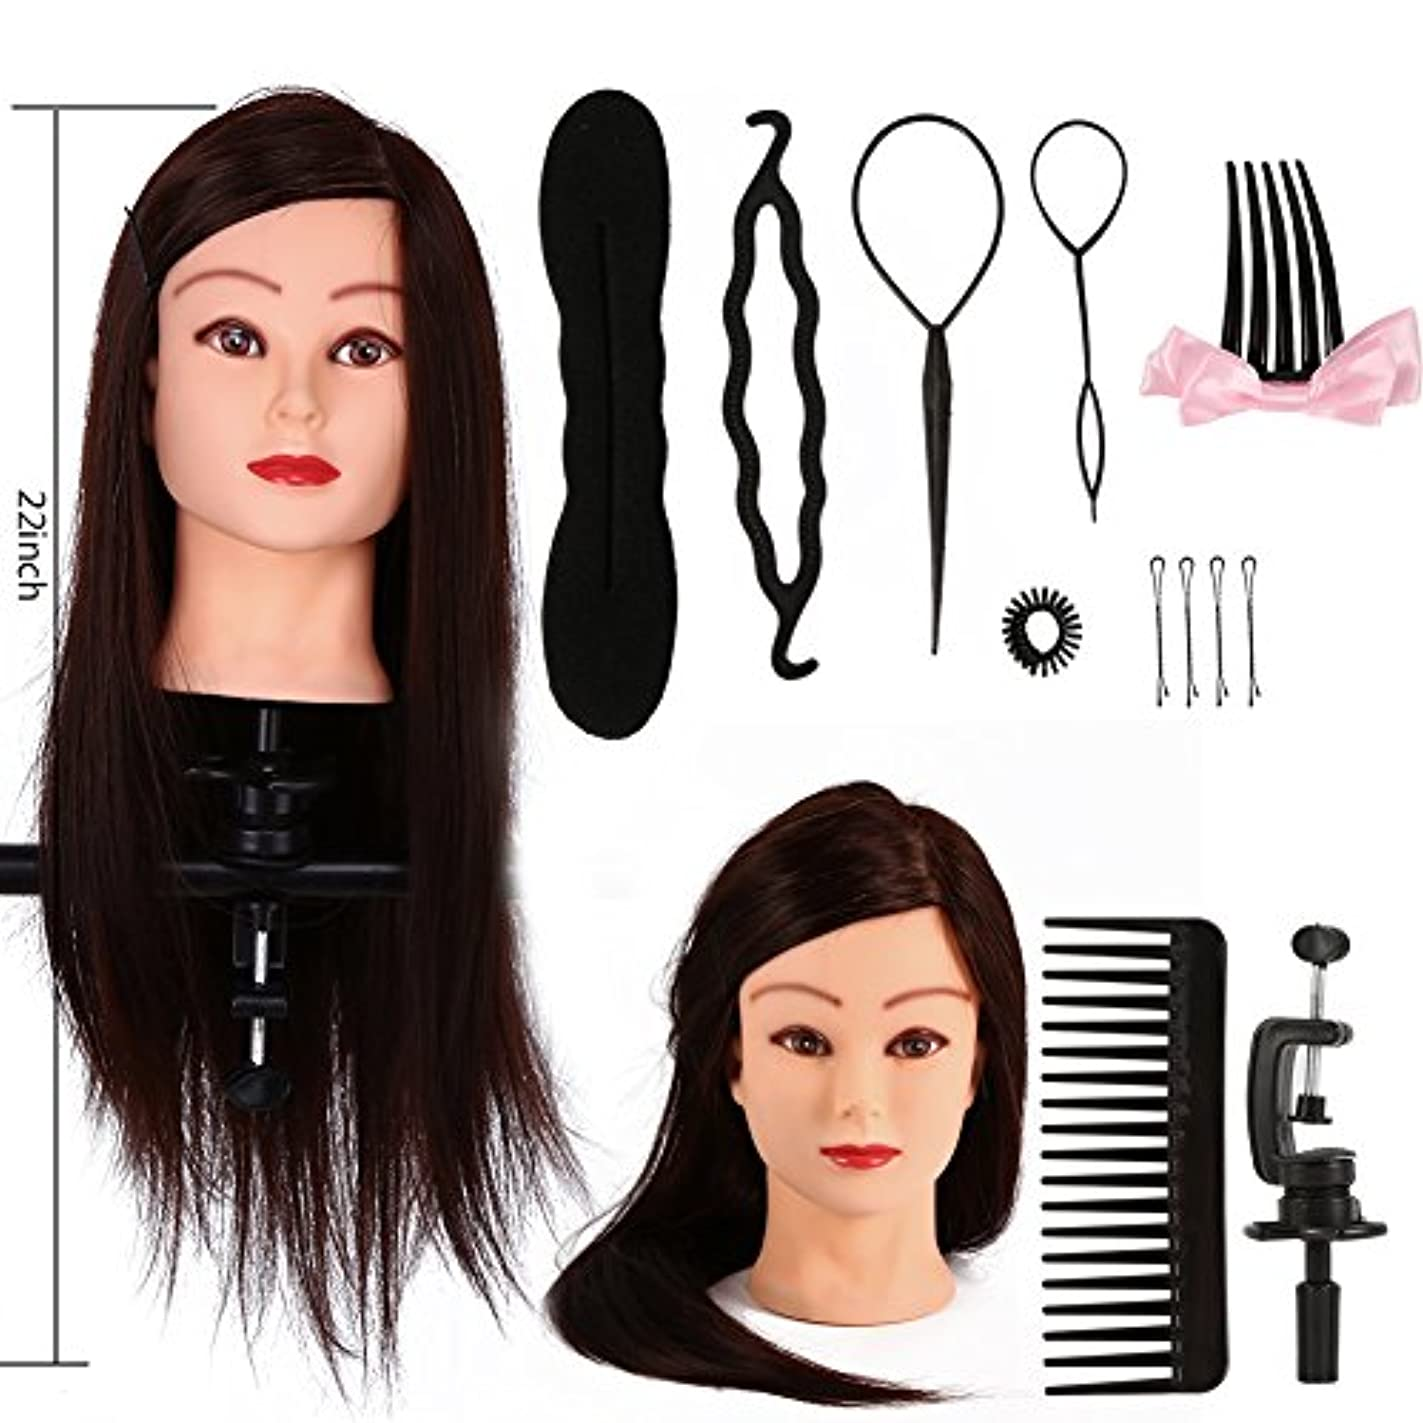 庭園処分した広範囲マネキンヘッド、美容院トレーニング実践ヘッドマネキンロング理髪+ブレードセットツール(1#)